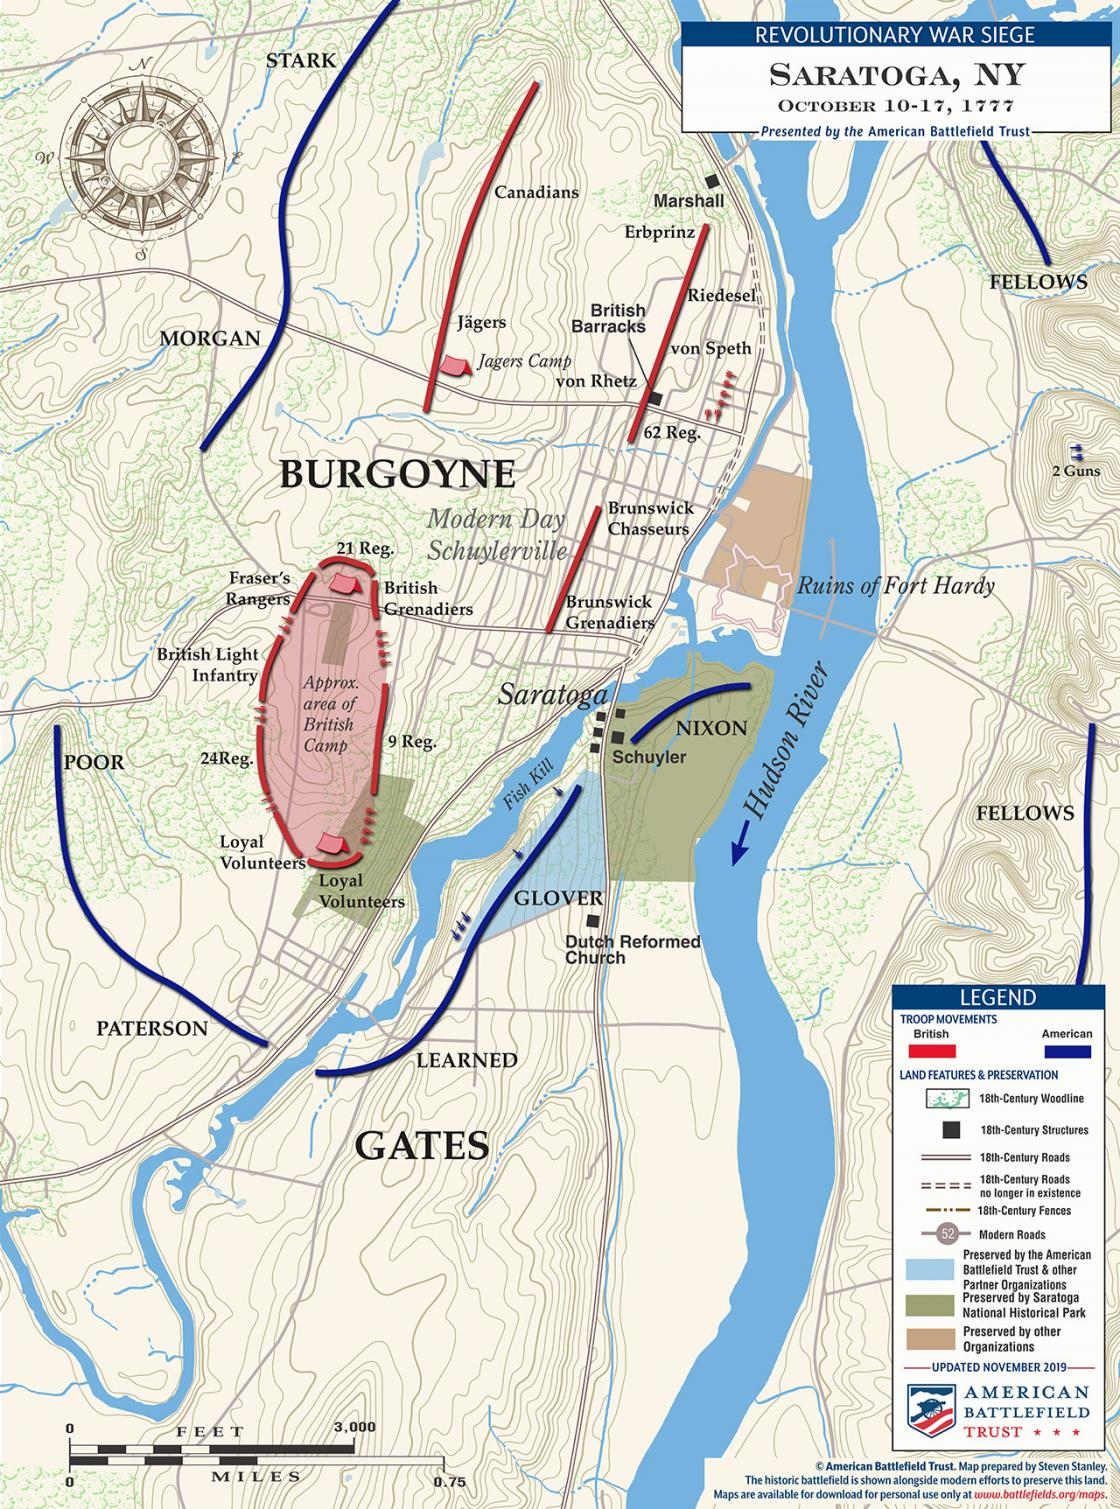 Siege of Saratoga, NY - October 10-17, 1777 (November 2019)